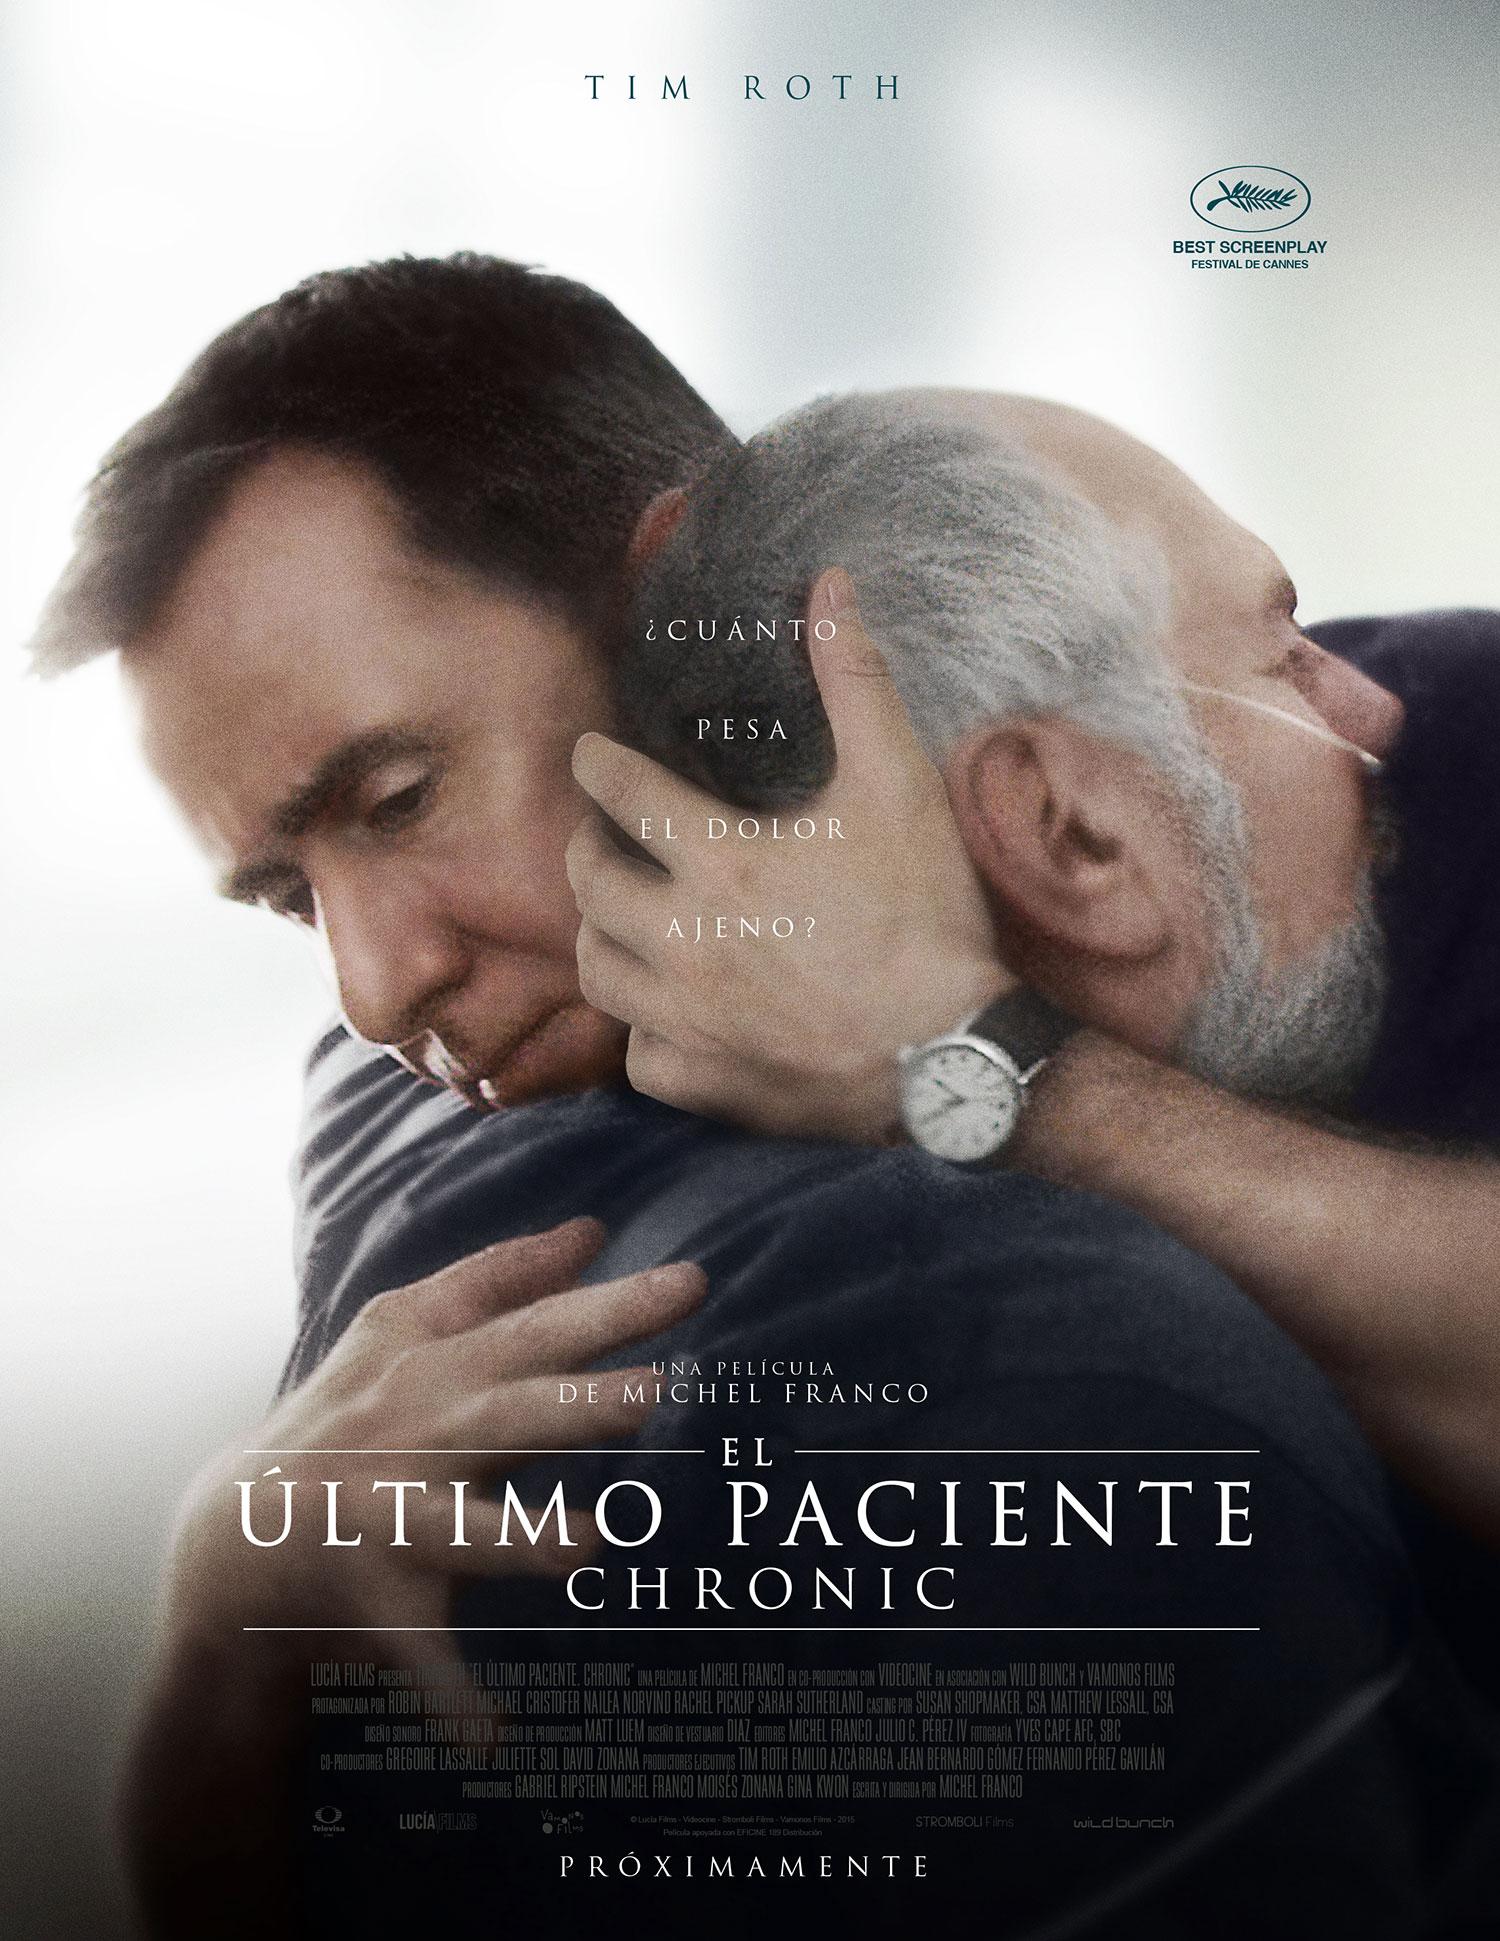 Photo of El Ultimo Paciente